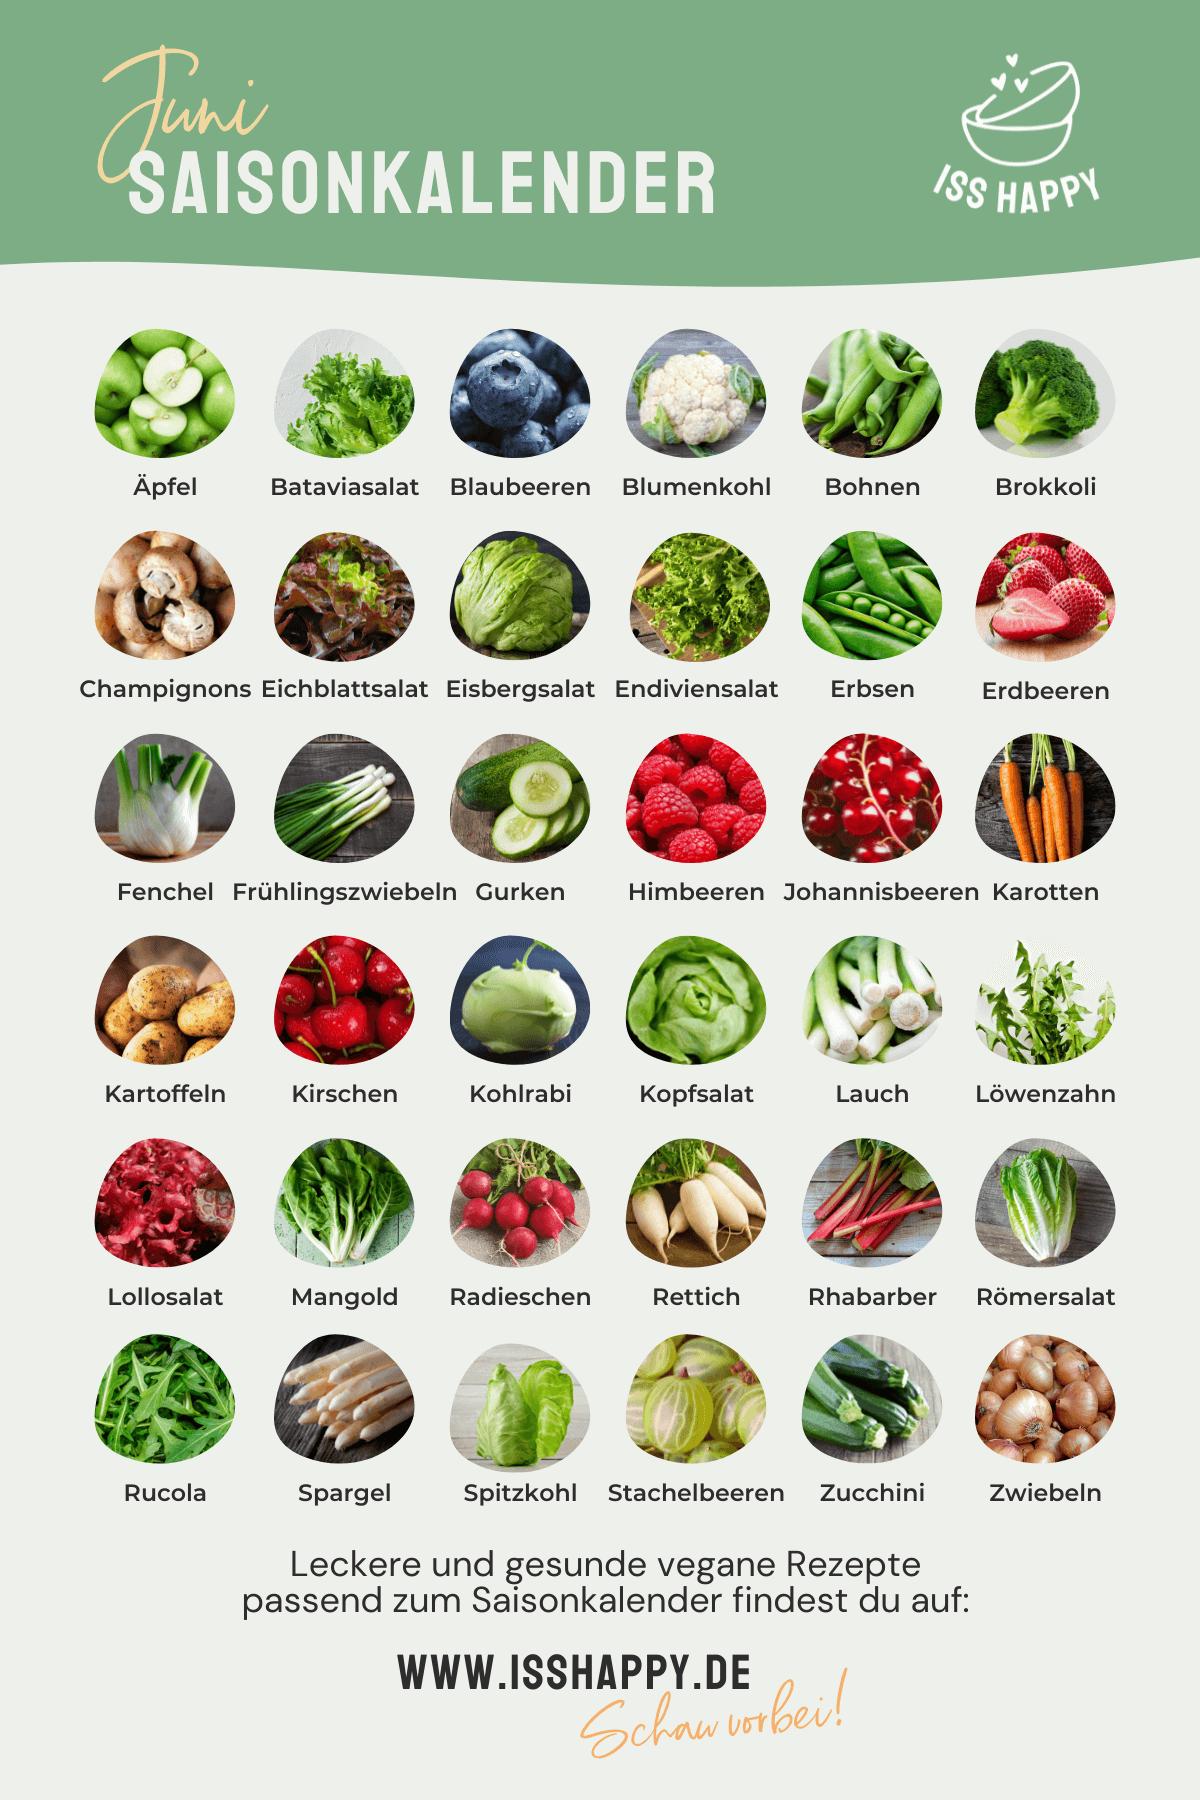 Saisonkalender Juni + 10 passende vegane Rezepte